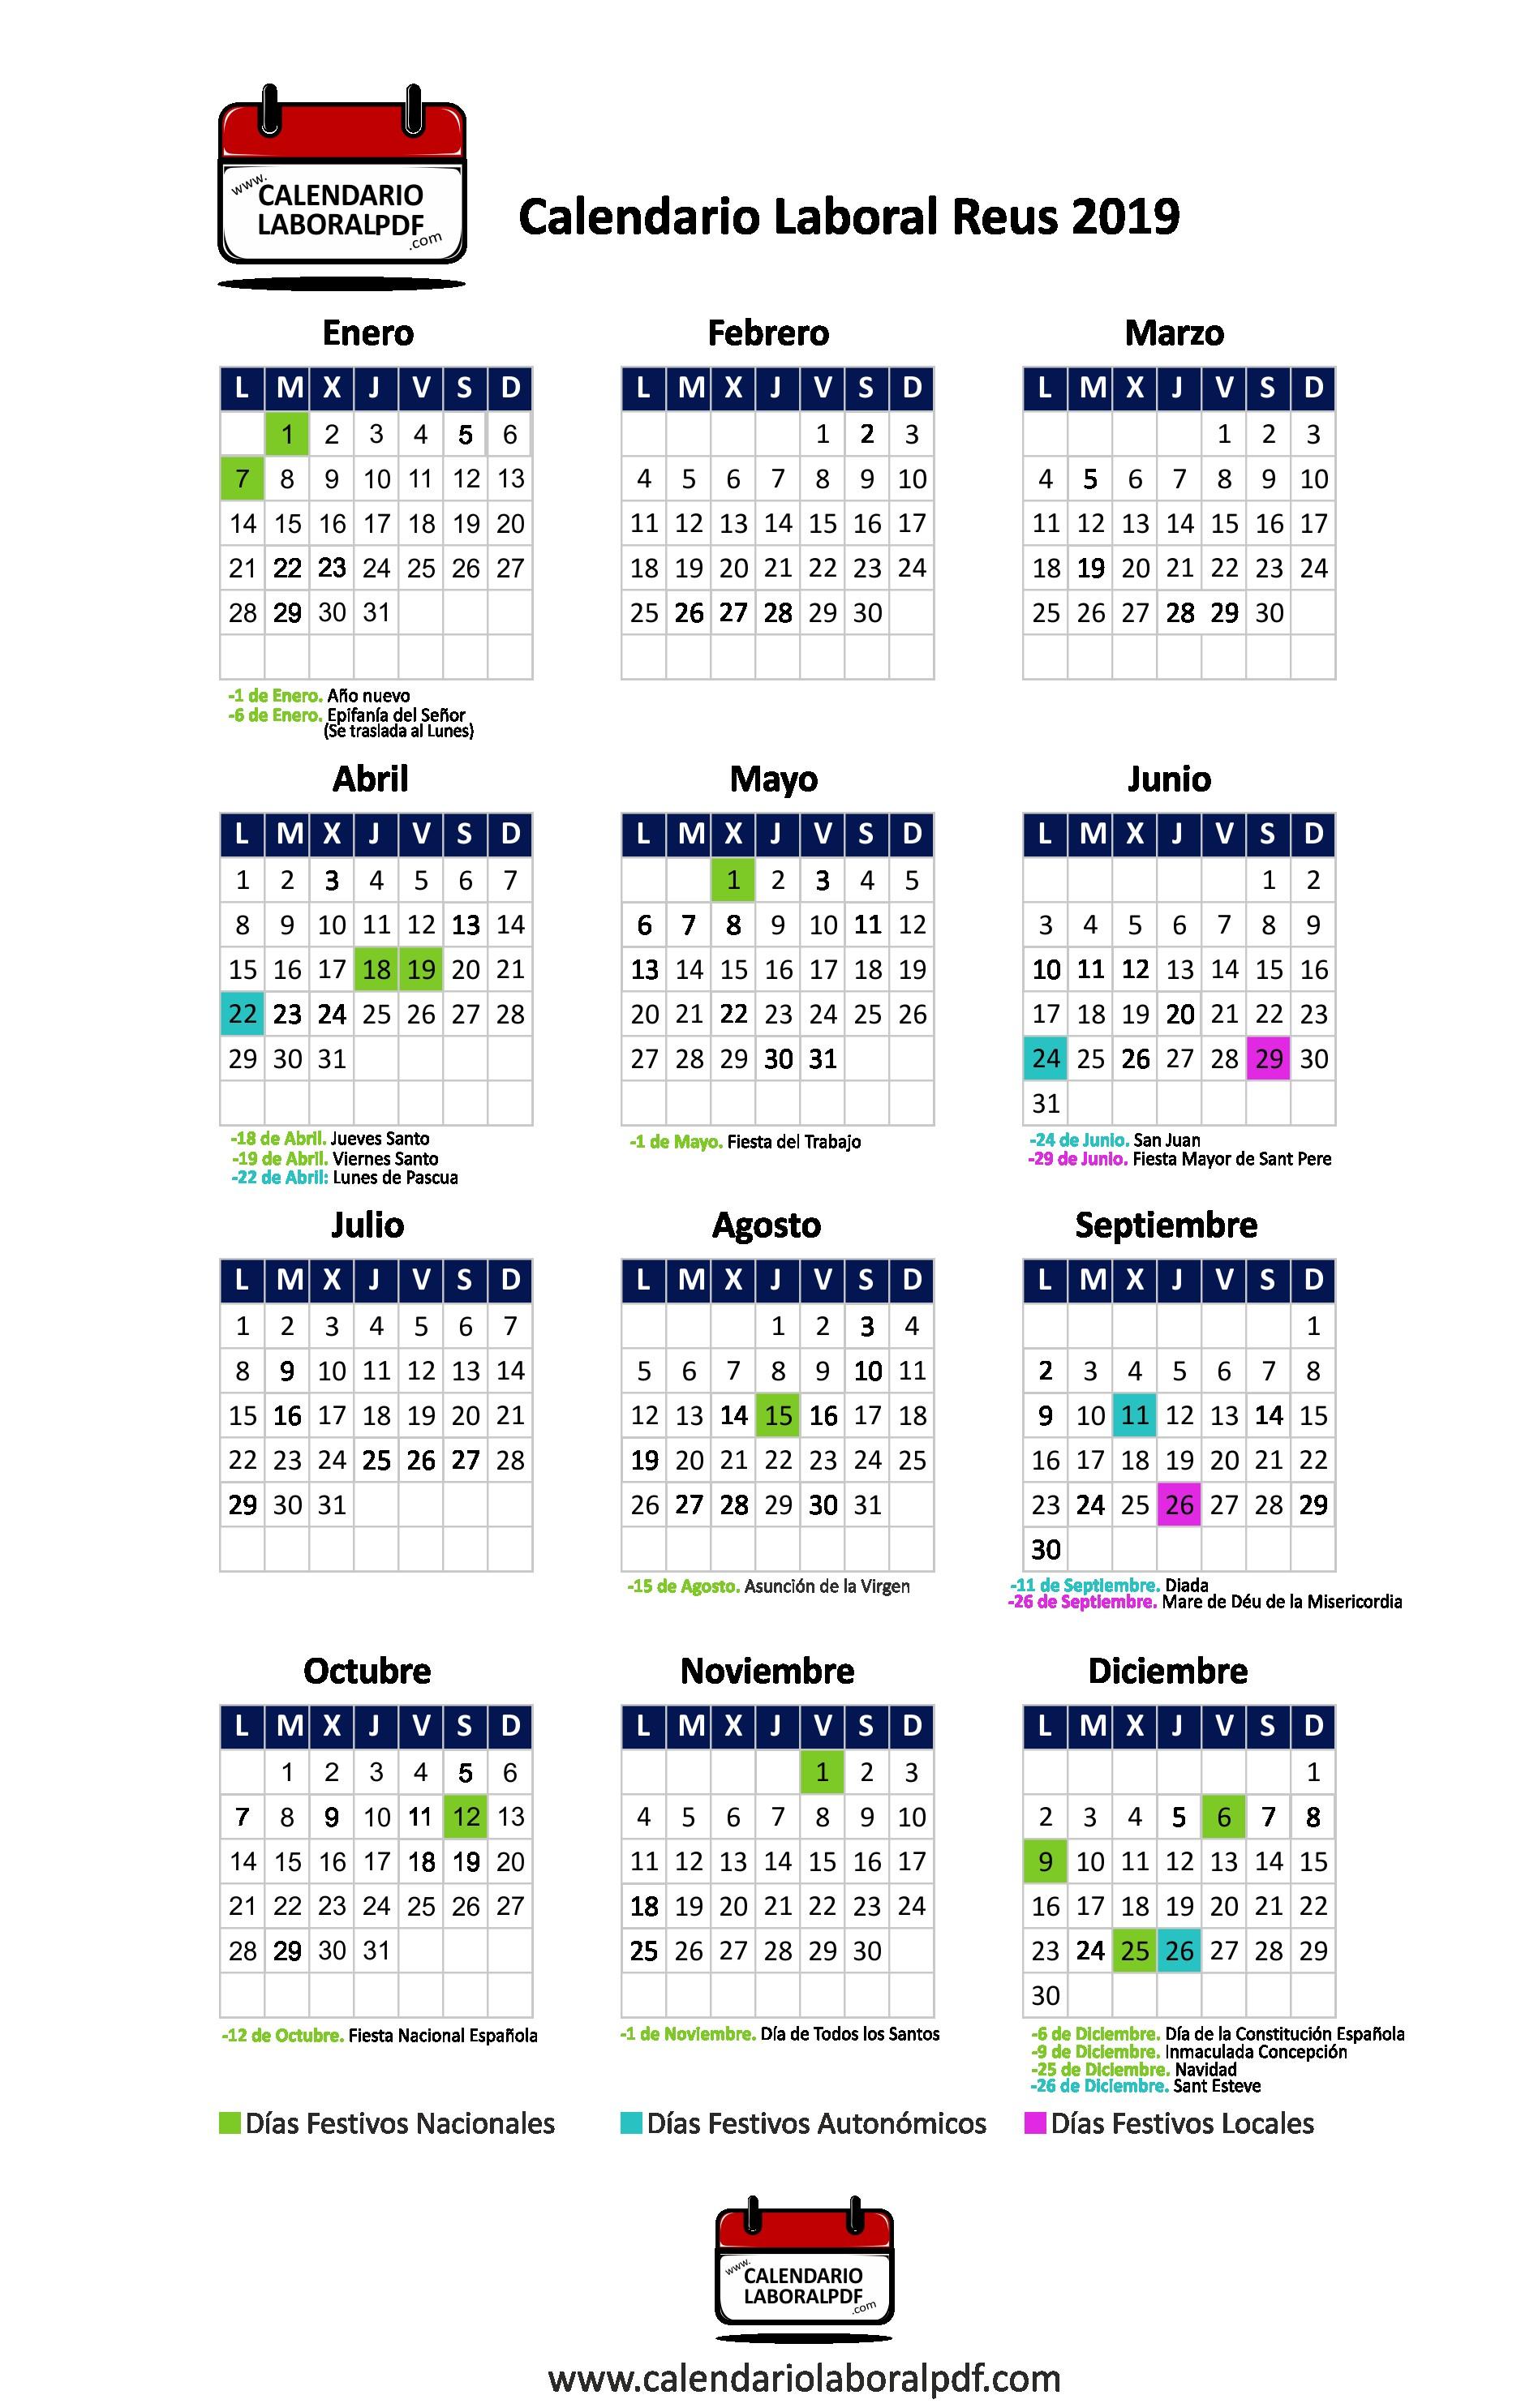 Calendario laboral reus ¡descárgalo gratis png 1875x2969 Pascua 2019